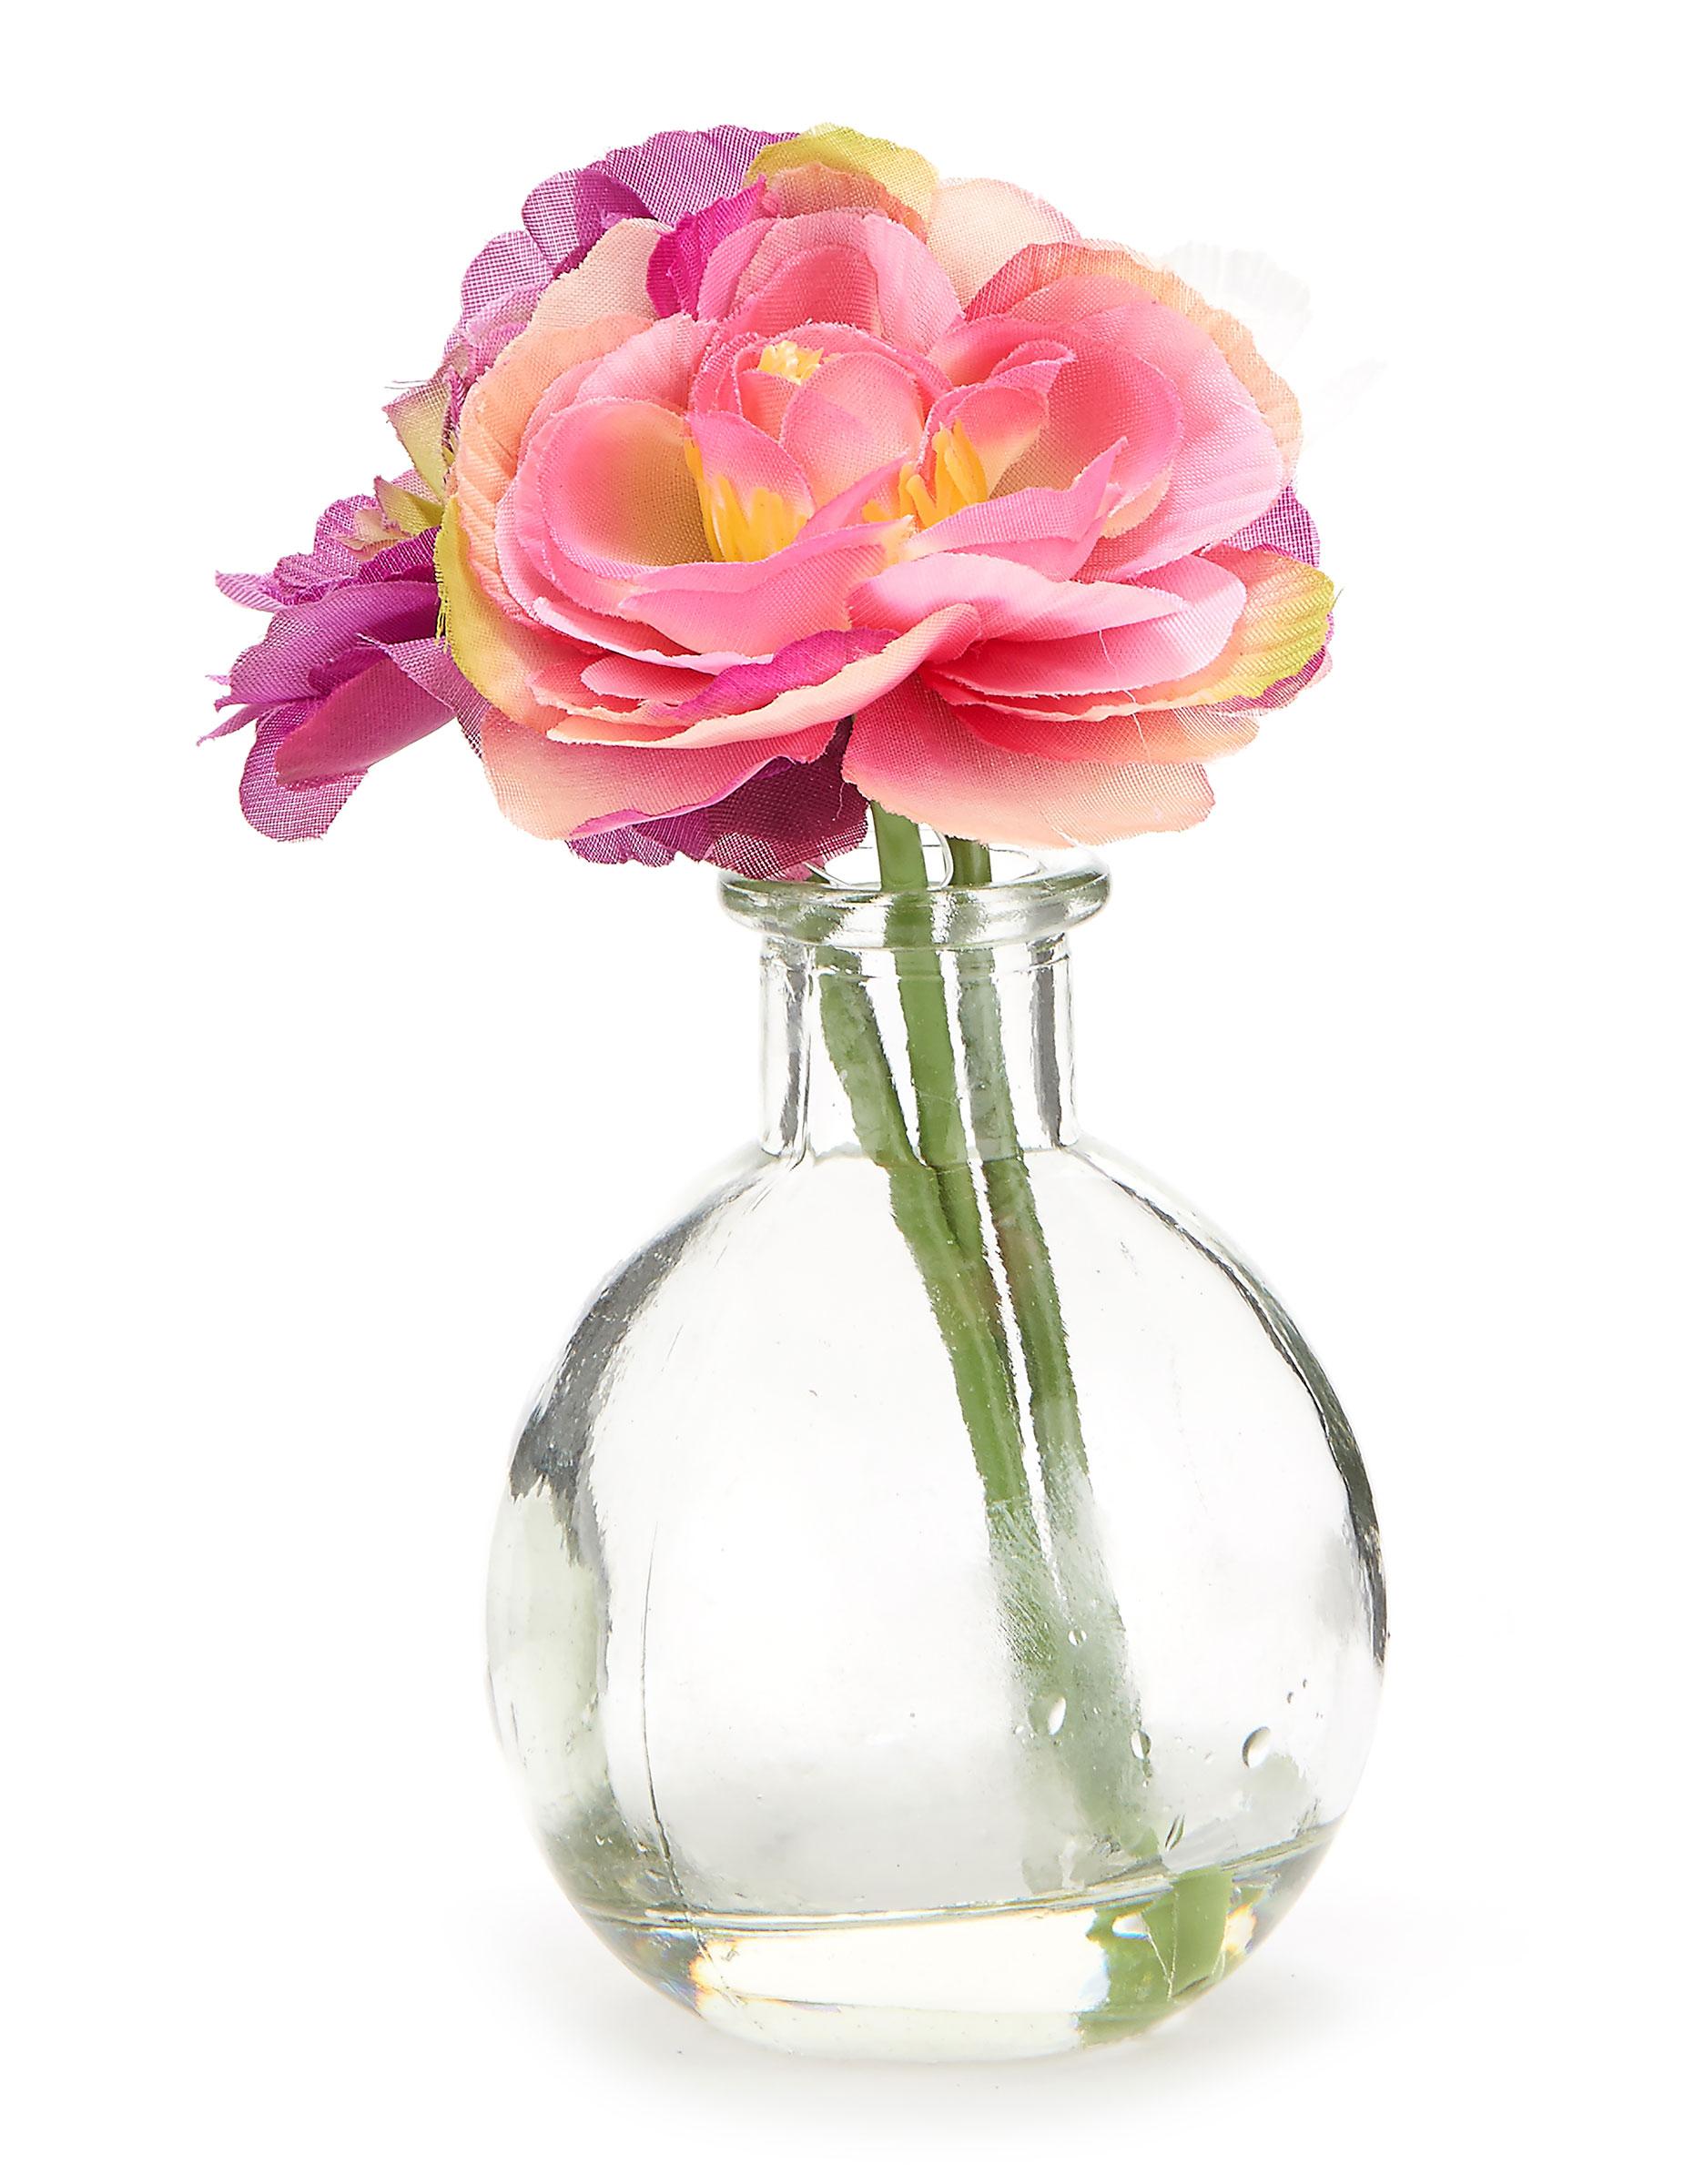 petit vase de fleurs artificielles d coration. Black Bedroom Furniture Sets. Home Design Ideas